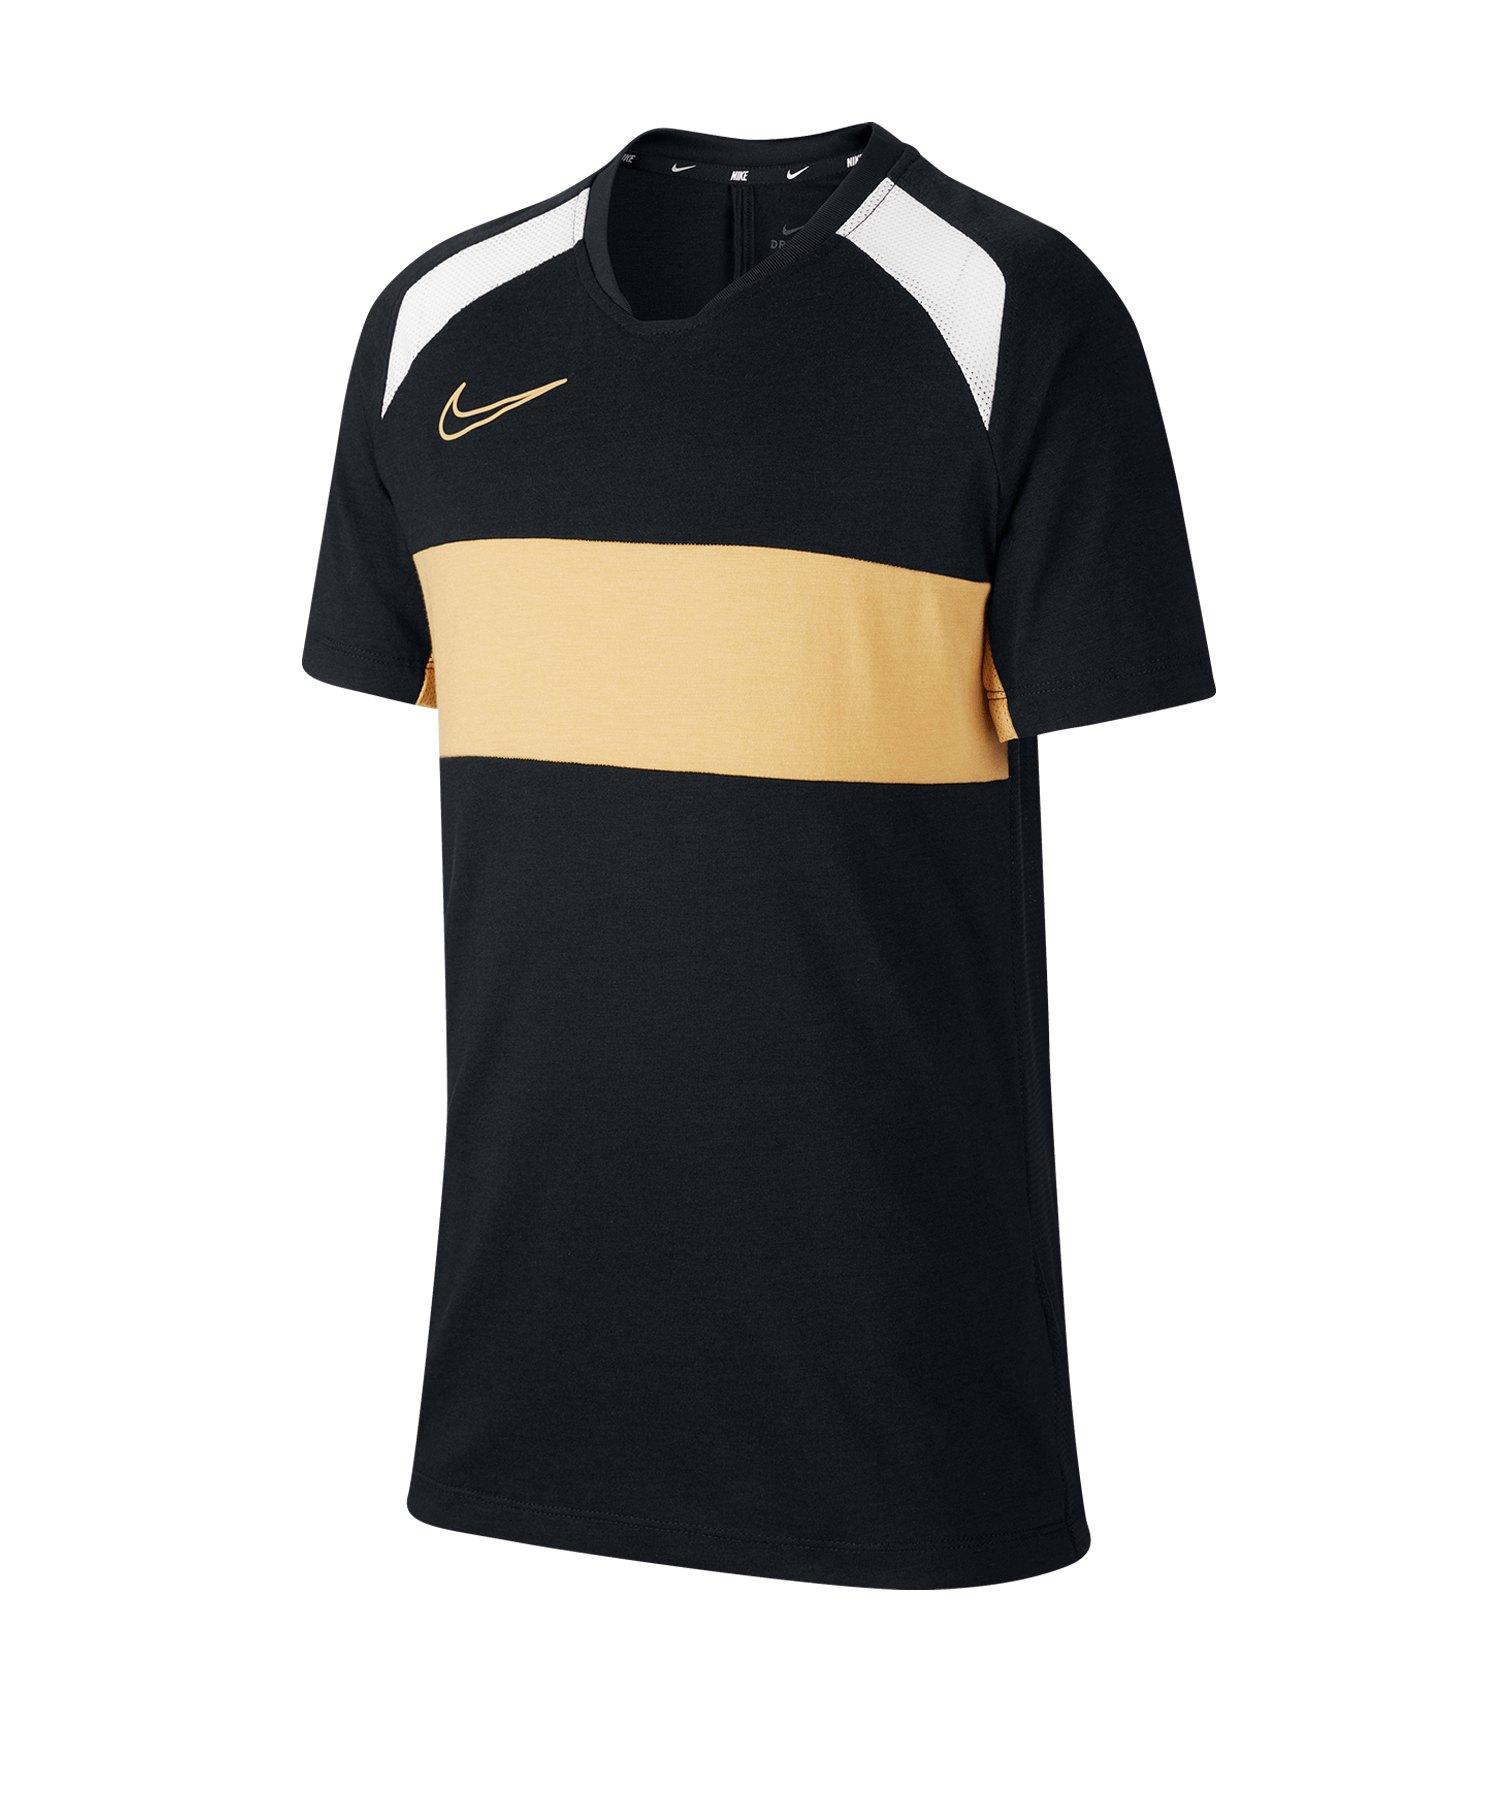 Nike Academy Trainingstop kurzarm Kids F010 - schwarz